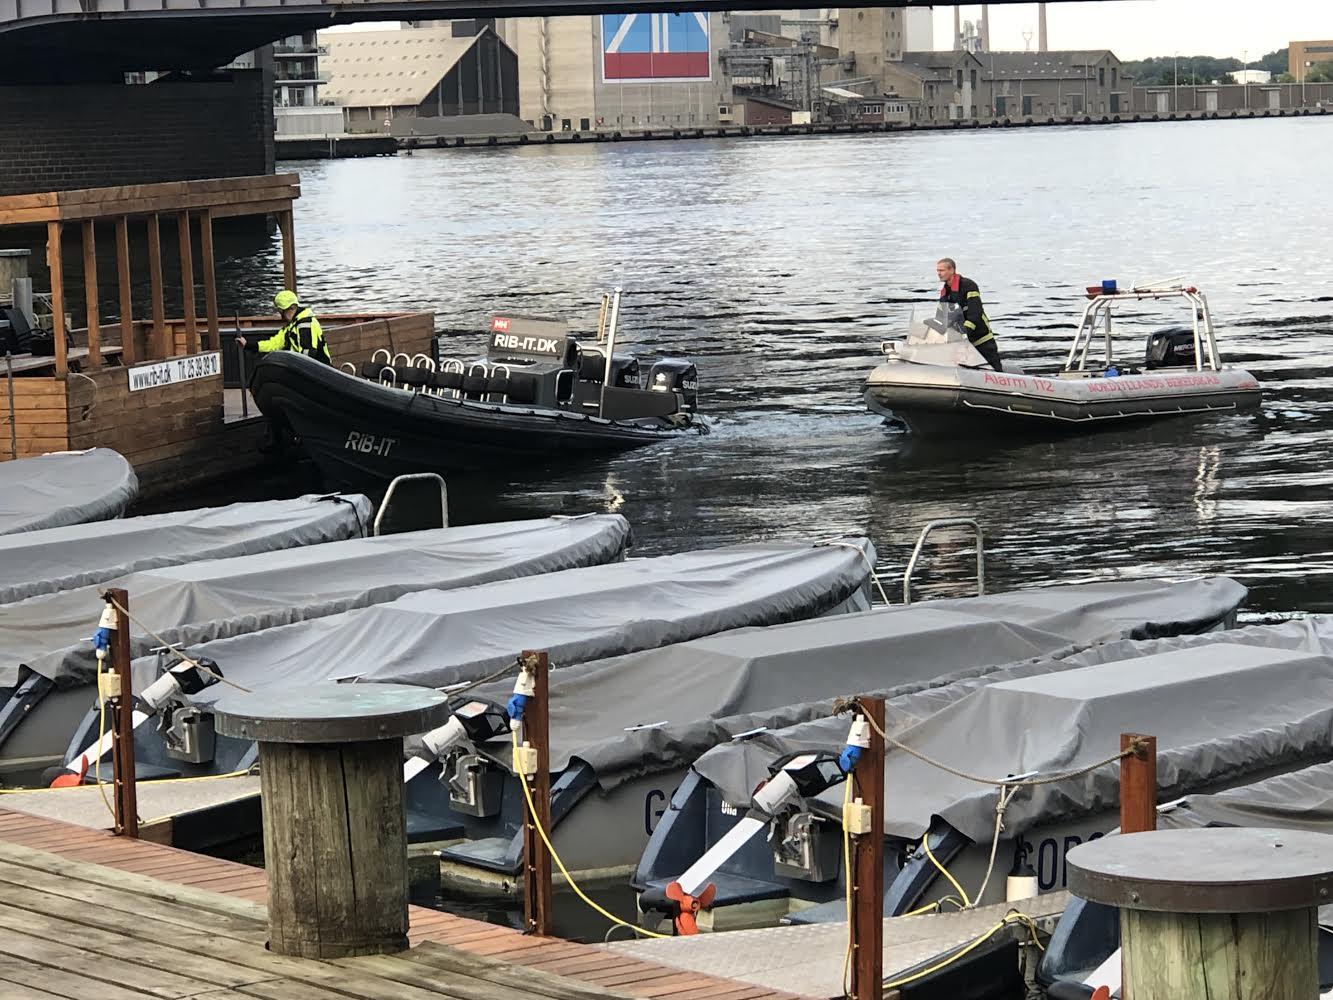 Efter bådulykke i Aalborg Havn: Nu fortæller Rib-it for første gang om ulykken